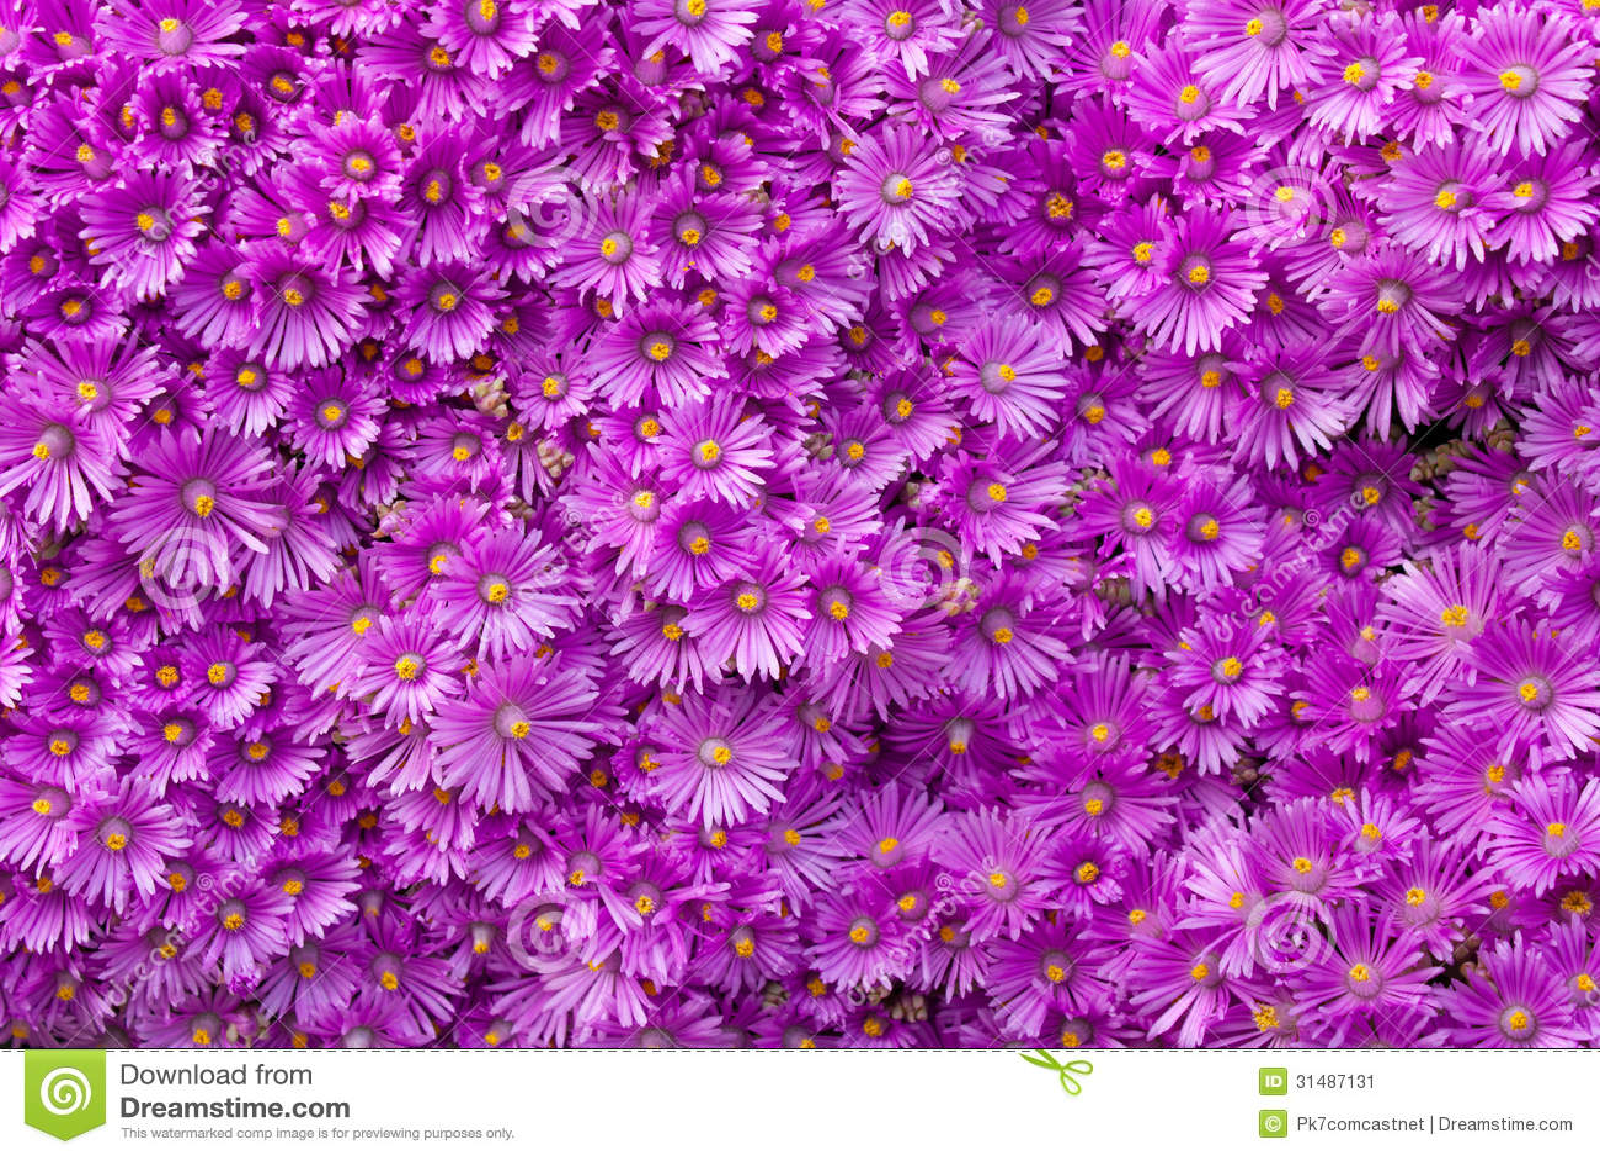 Pared de flores púrpuras